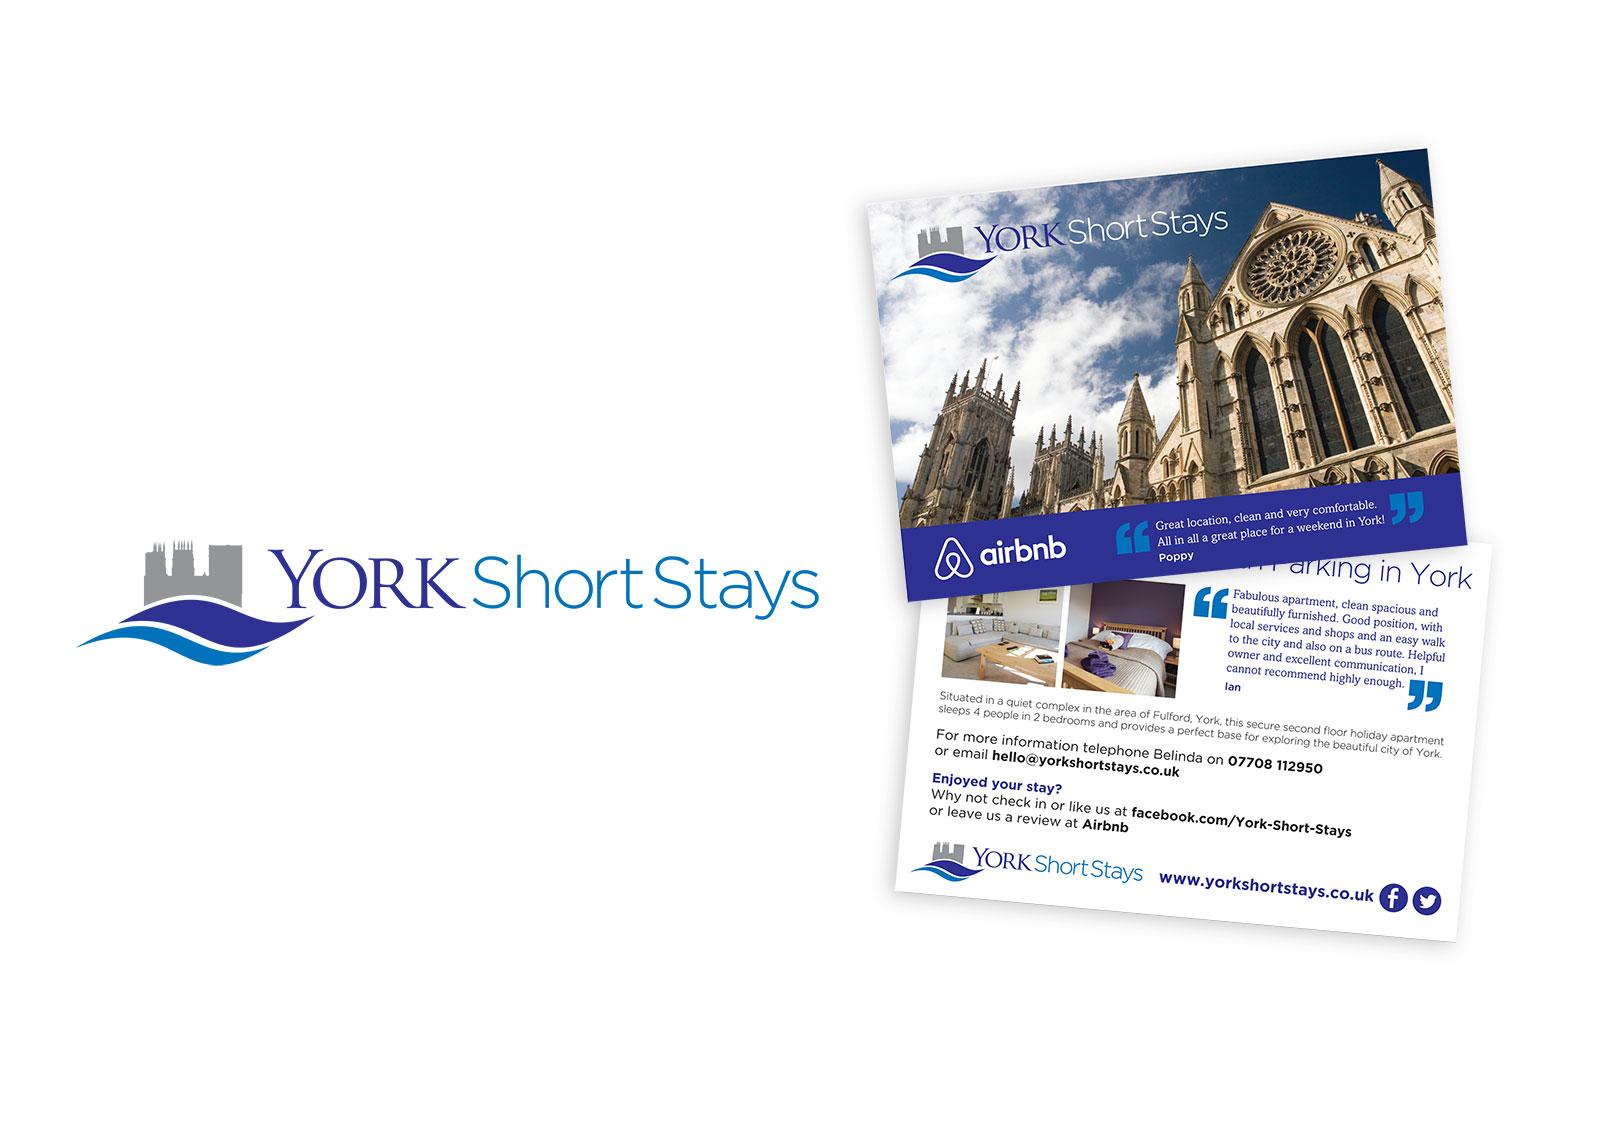 York Short Stays